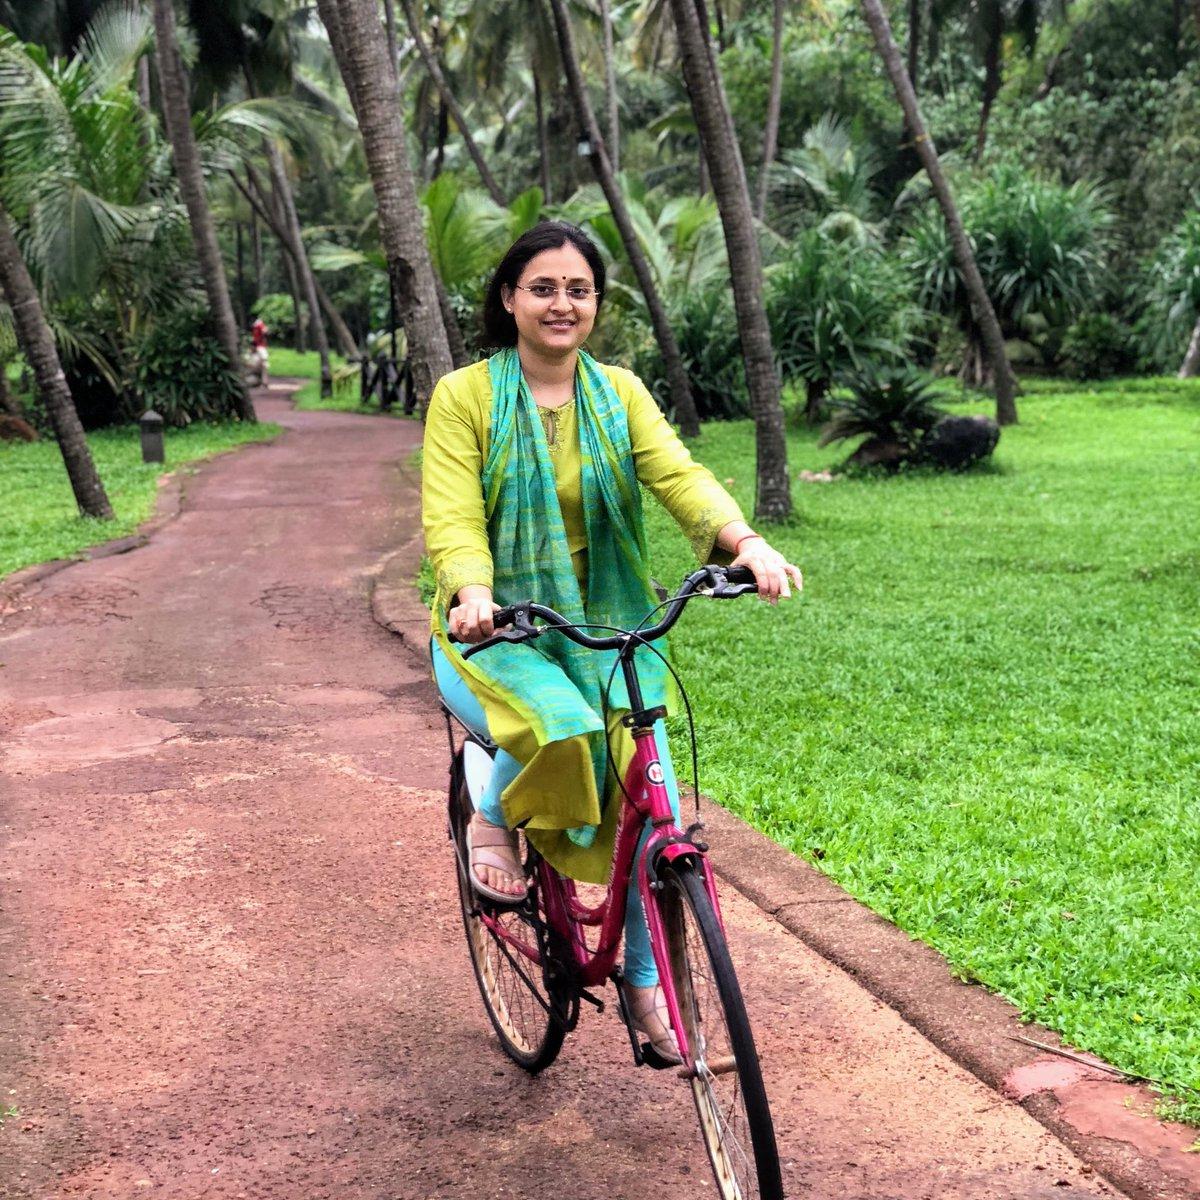 #WorldBicycleDay संयुक्त राष्ट्र द्वारा पहला आधिकारिक विश्व साइकिल दिवस 3 जून, 2018 को मनाया गया था. यह दिवस परिवहन के एक सरल, किफायती, भरोसेमंद और पर्यावरण की सुरक्षा को प्रोत्साहित करने के लिए मनाया जाता है.... https://t.co/3cwKBHG5oW